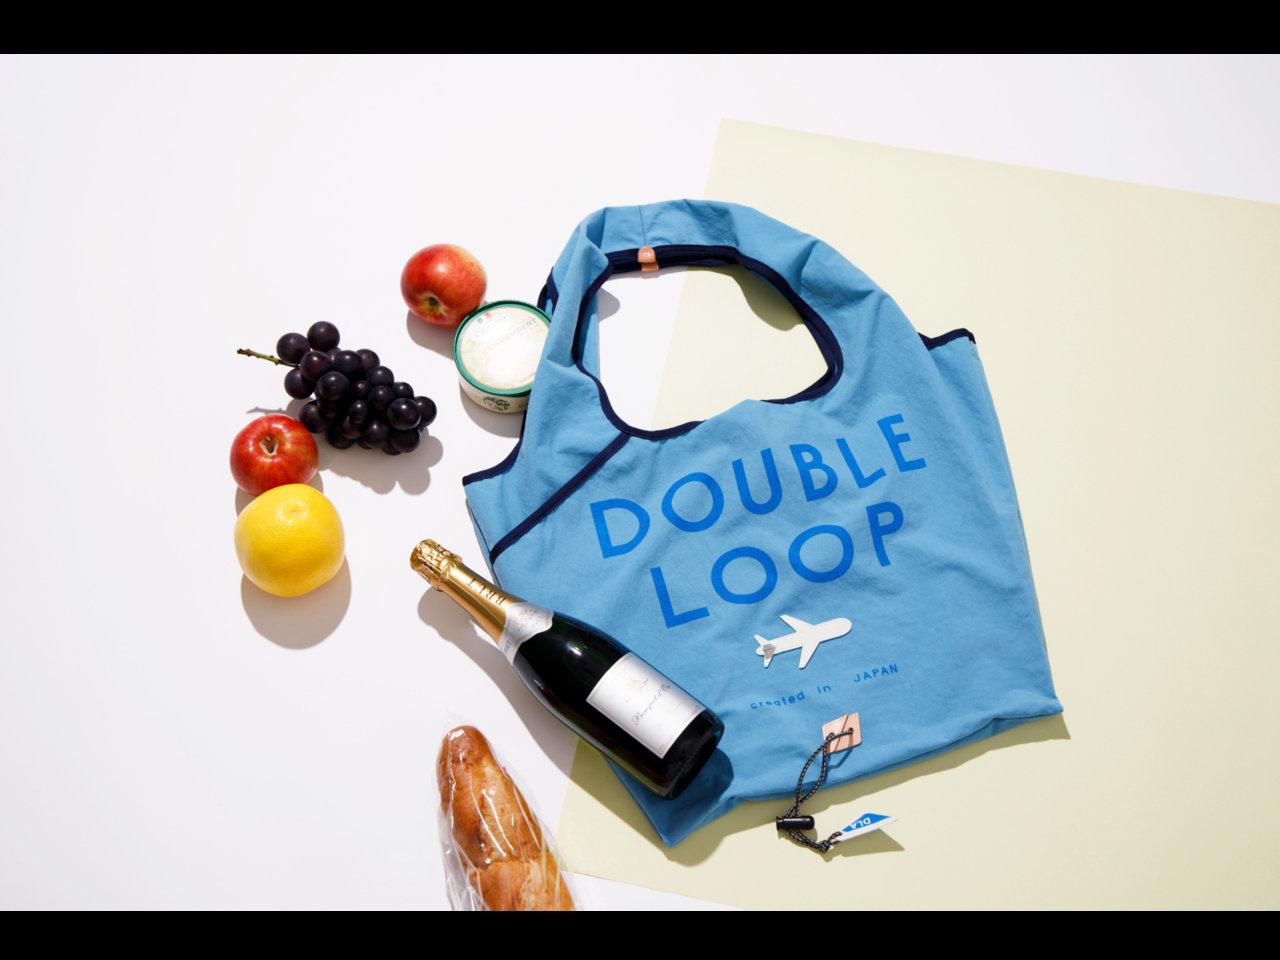 DOUBLELOOPの職人が本気で挑んだ。いつでもどこでも使い回せる新感覚「万能マイバッグ」誕生